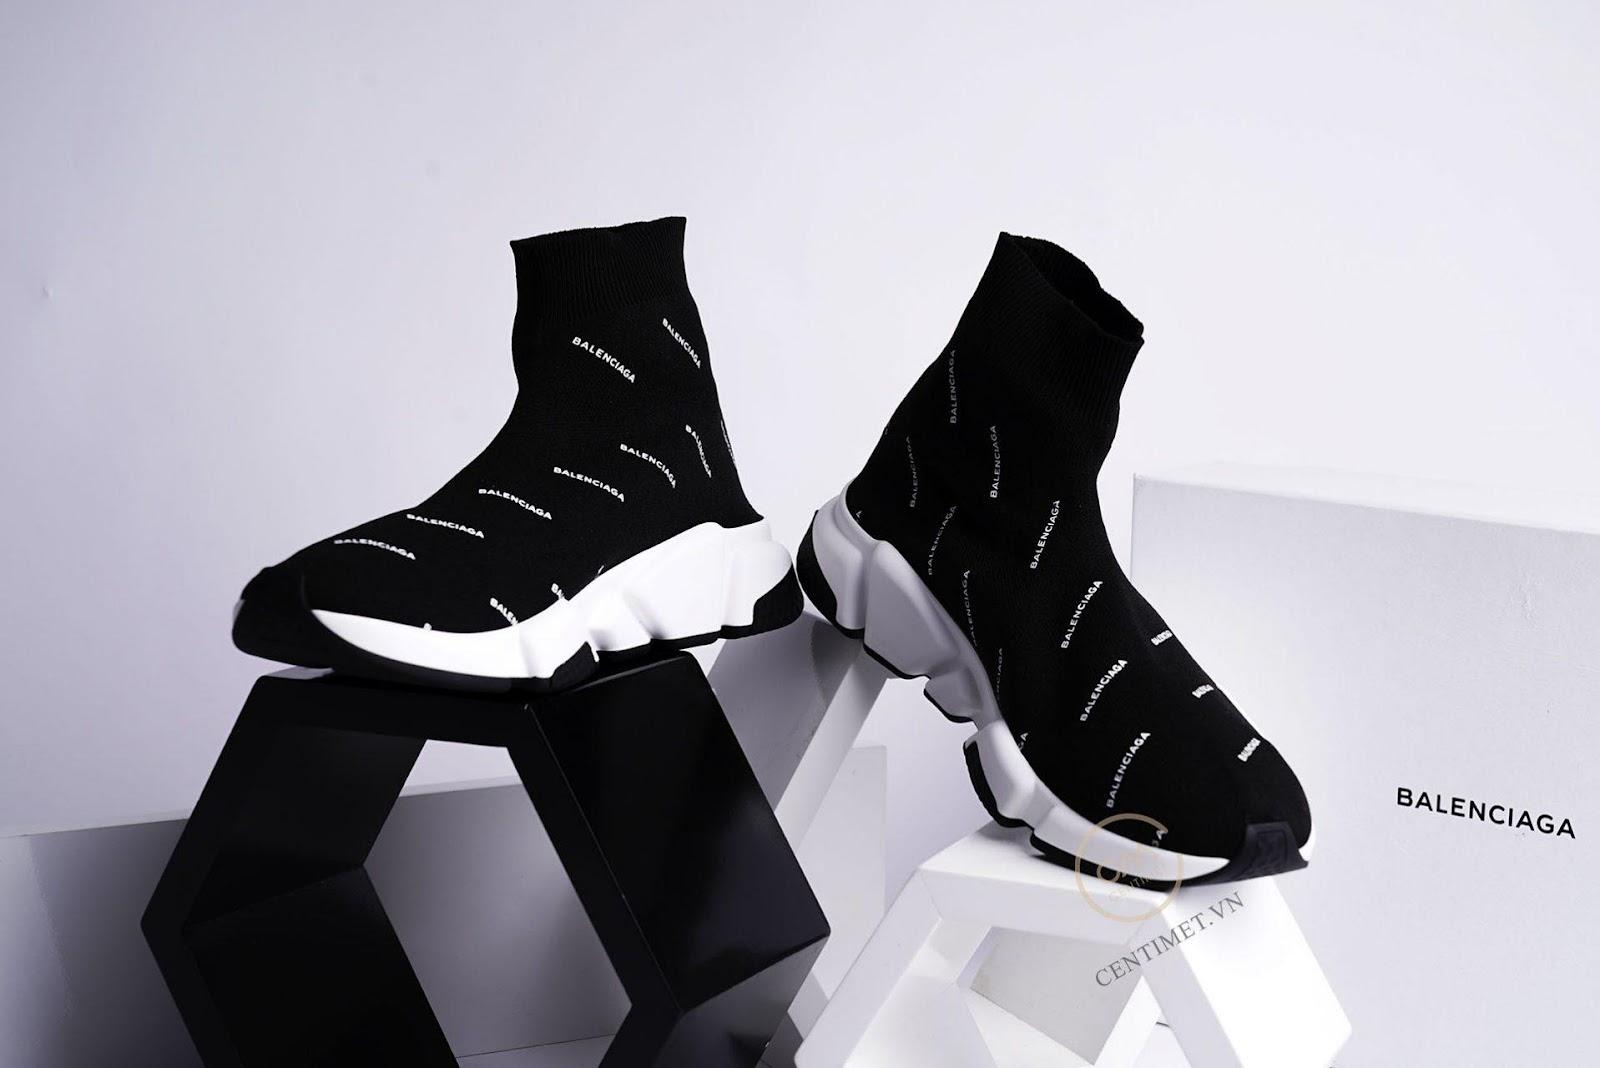 Giới thiệu 2 siêu phẩm giày Balenciaga trắng và Balenciaga speed trained chính hãng